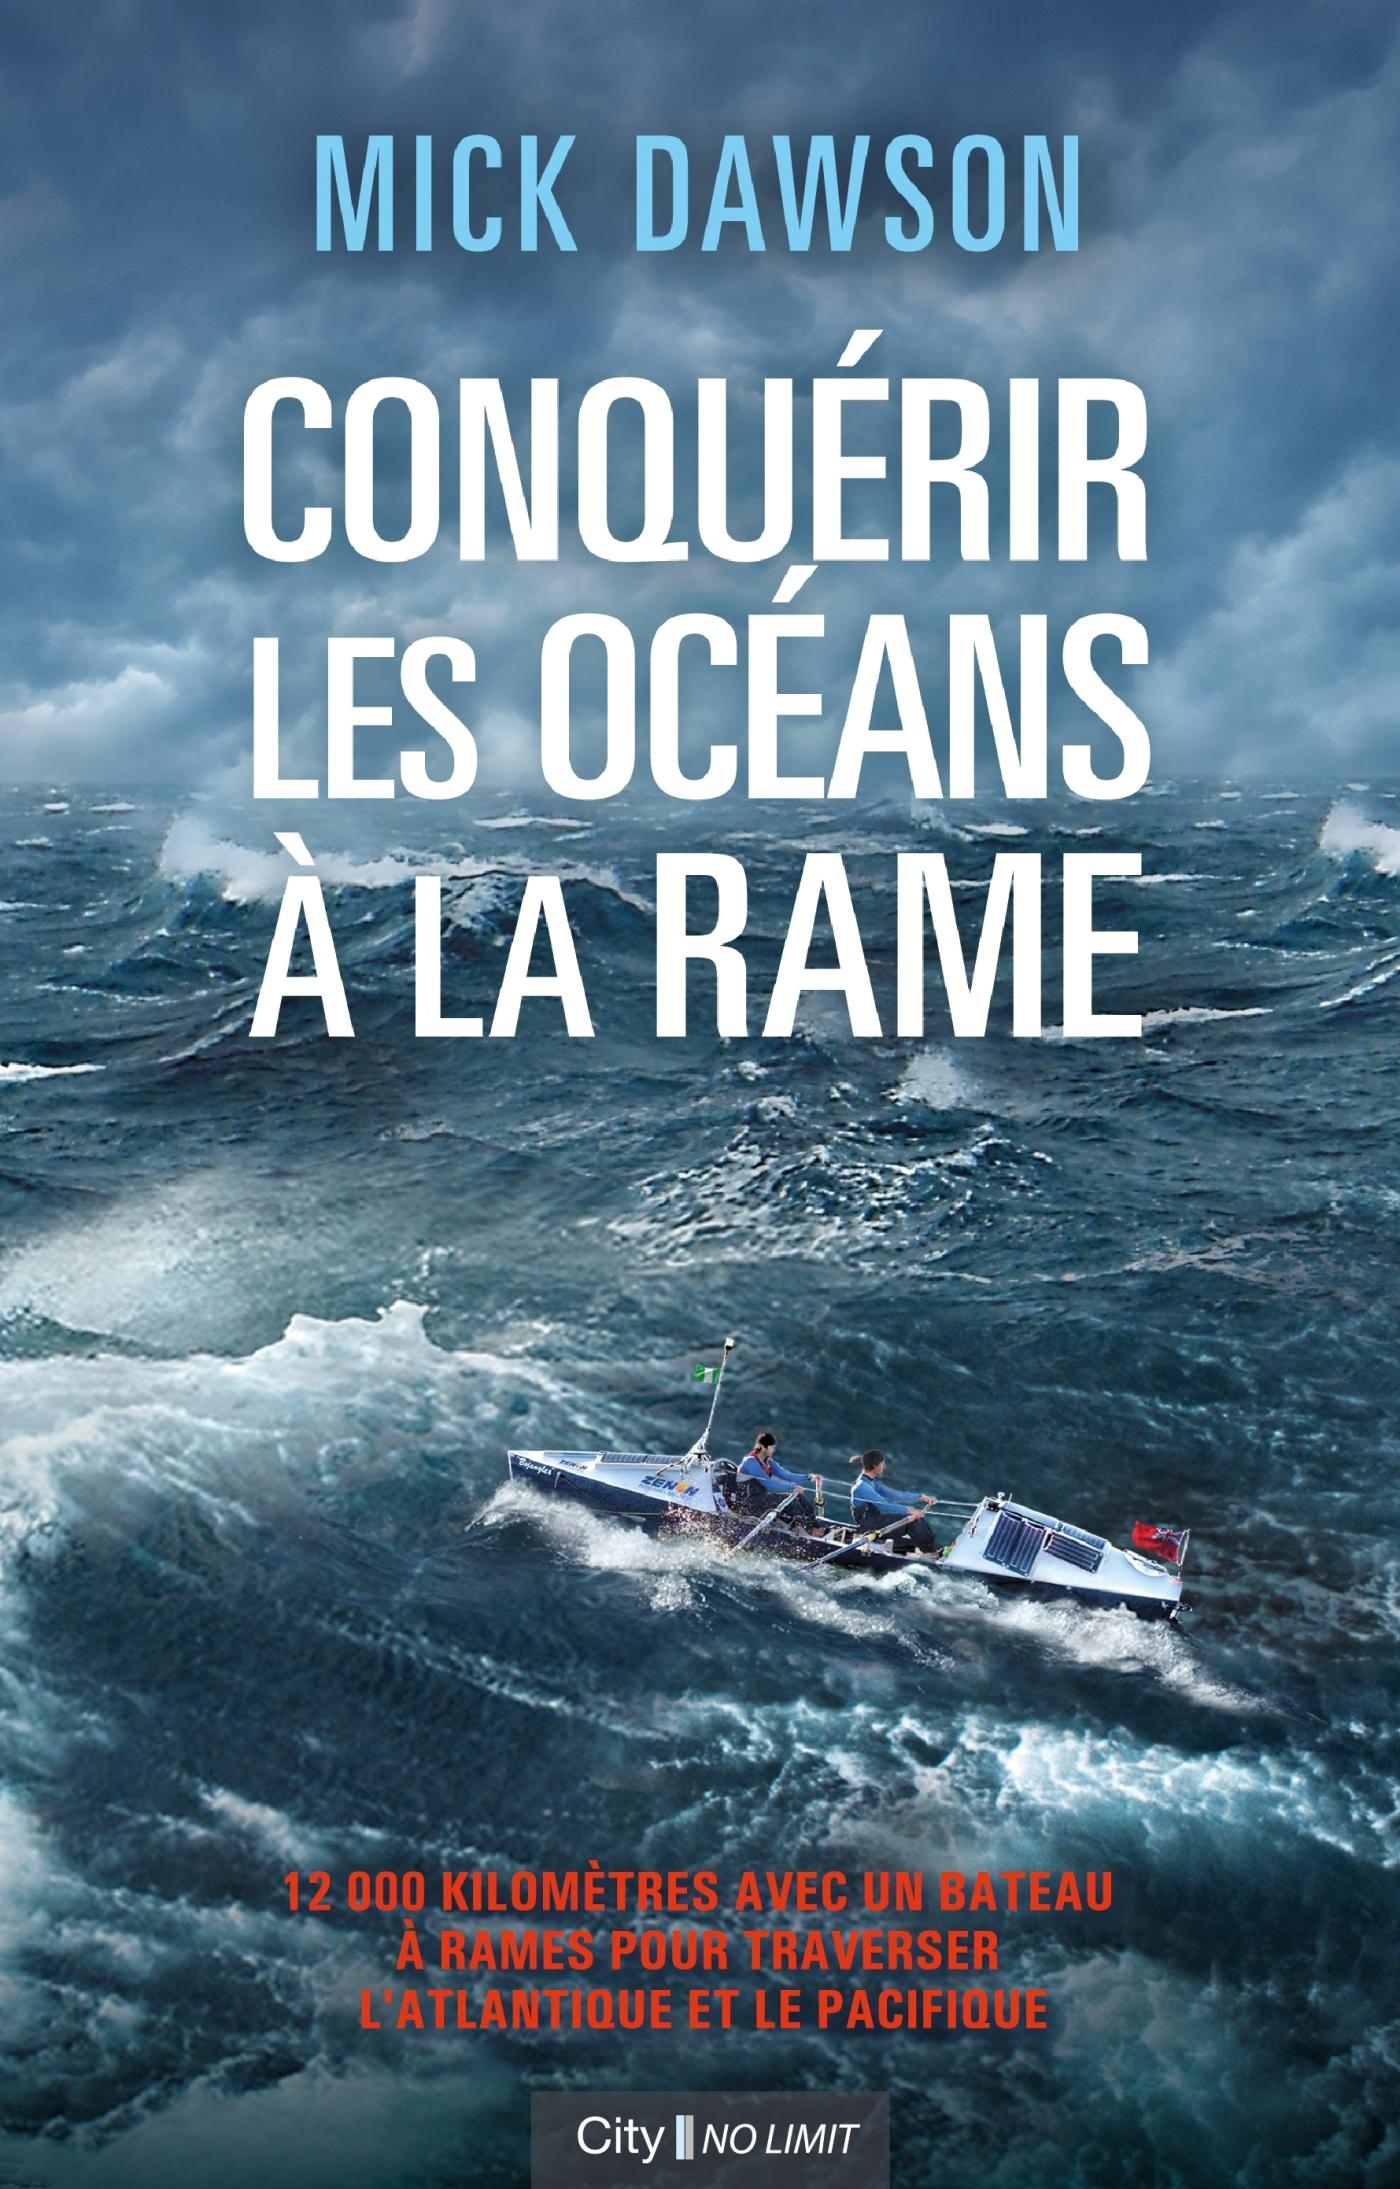 CONQUERIR LES OCEANS A LA RAME